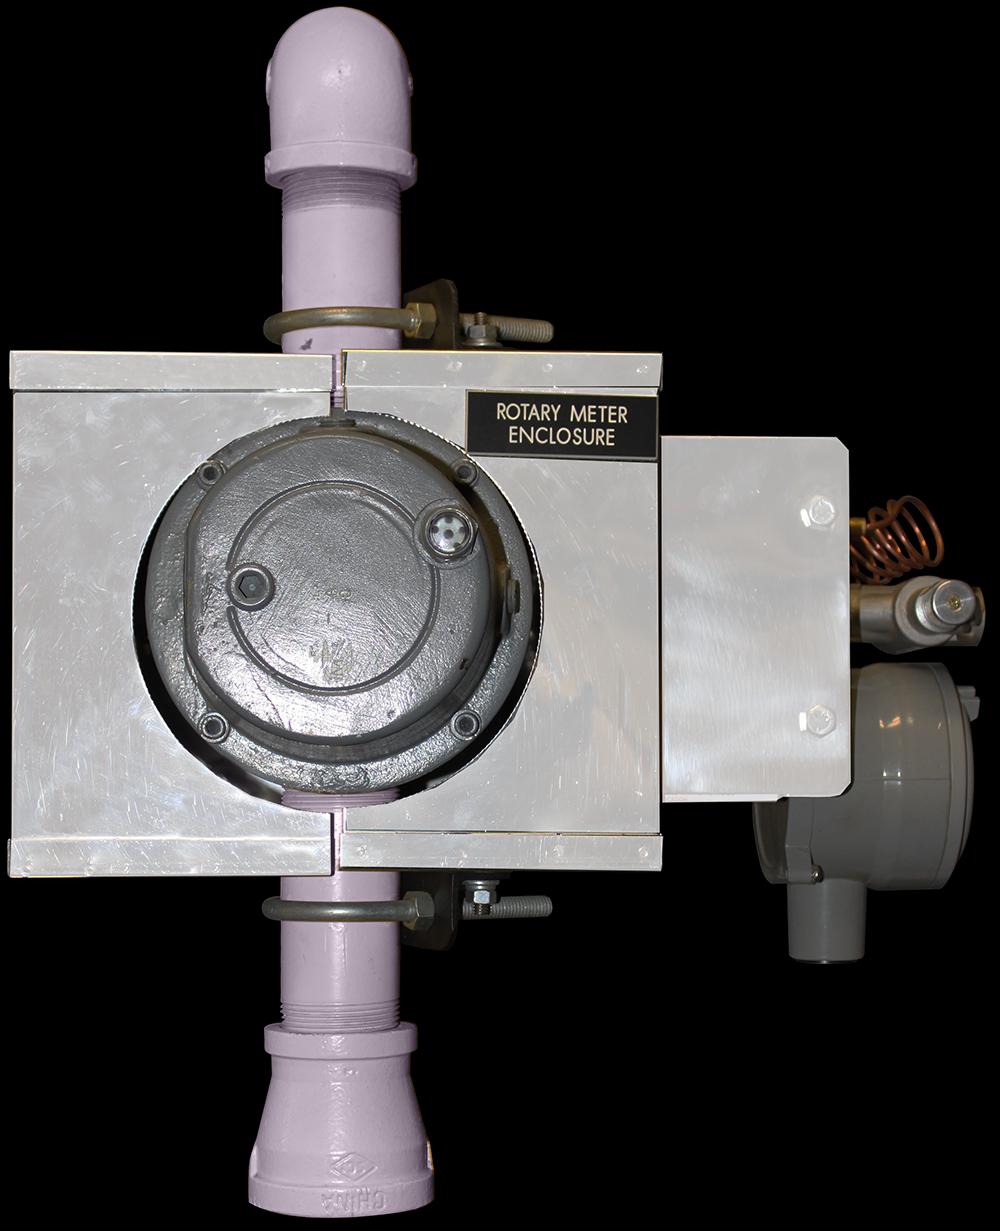 Rotary Meter Enclosure